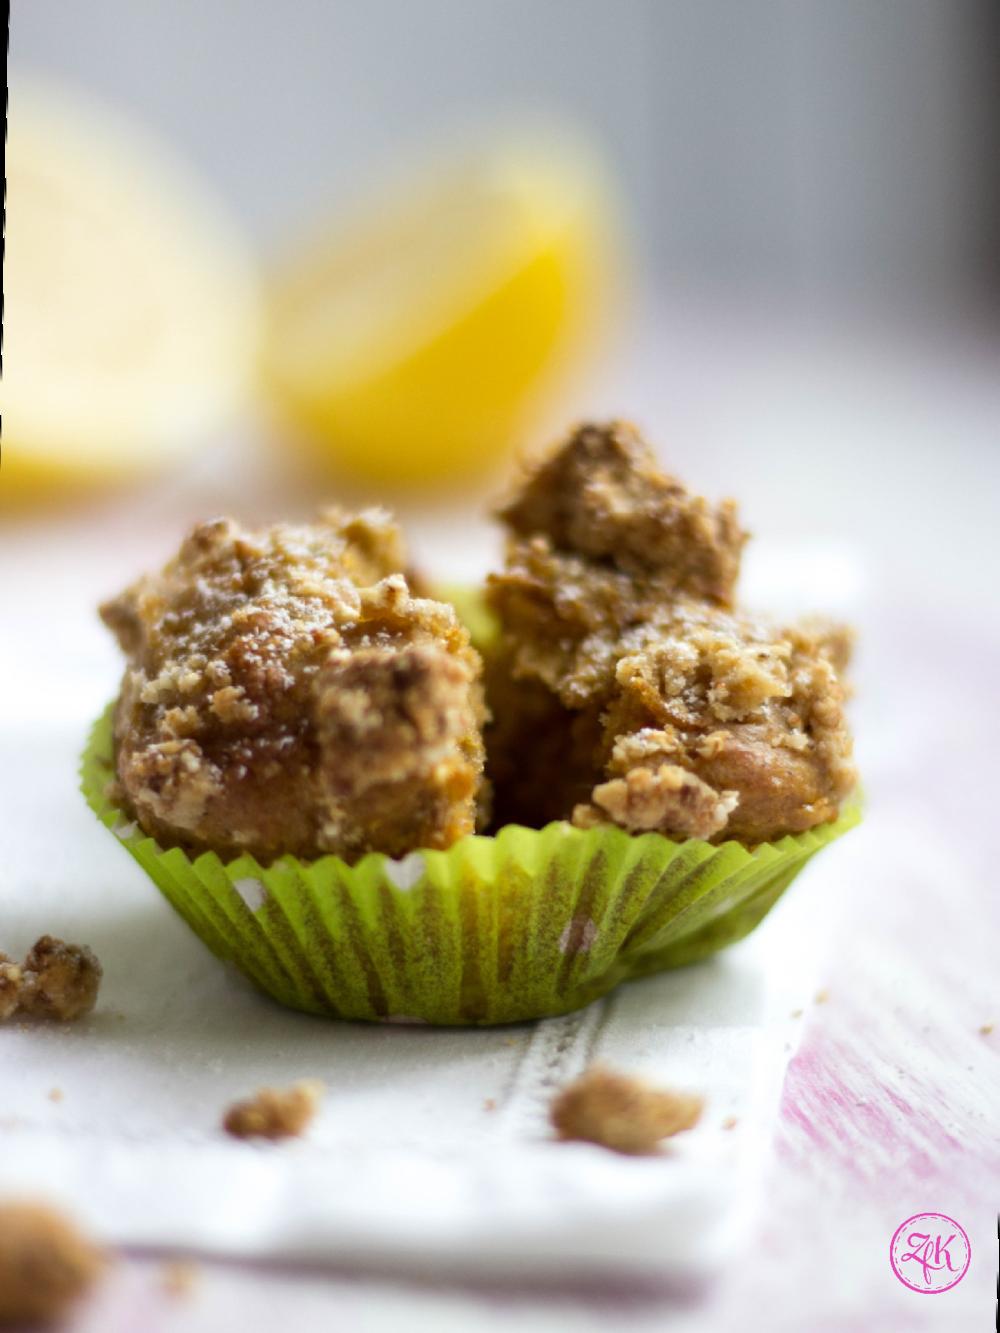 Frisch aus dem Backofen sind die Muffins besonders lecker!